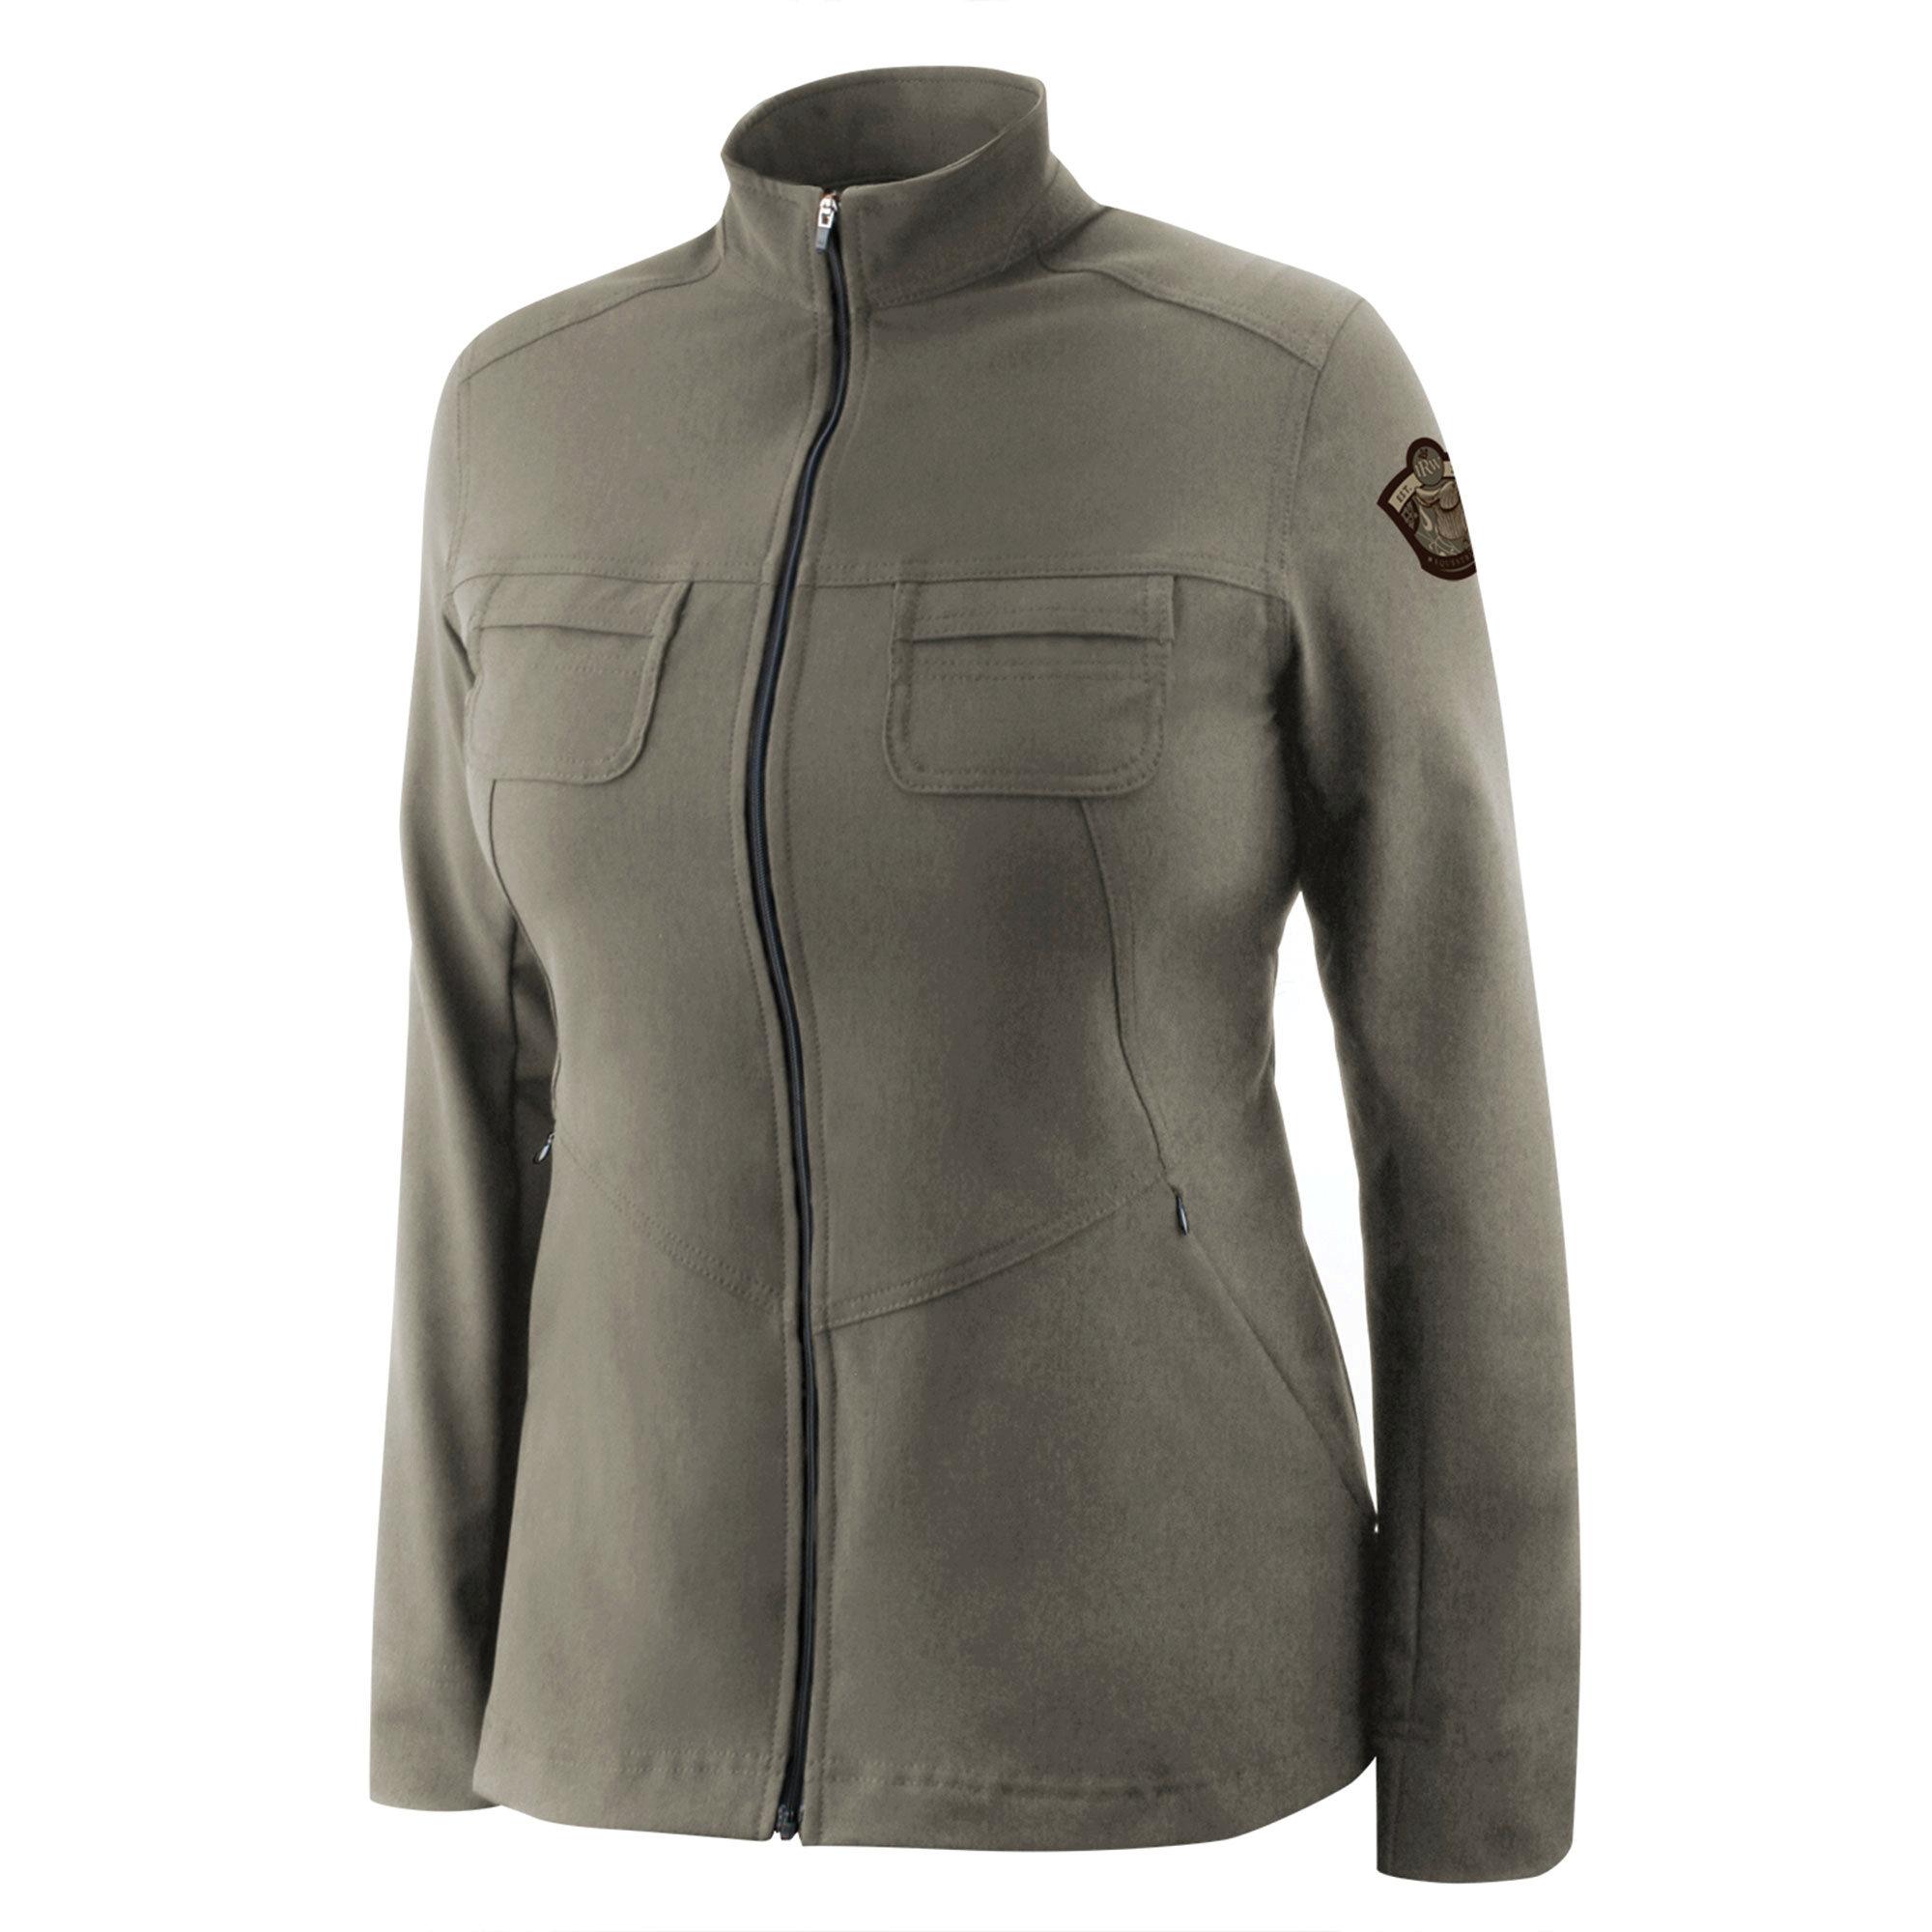 Irideon Ladies' Cavalry Jacket